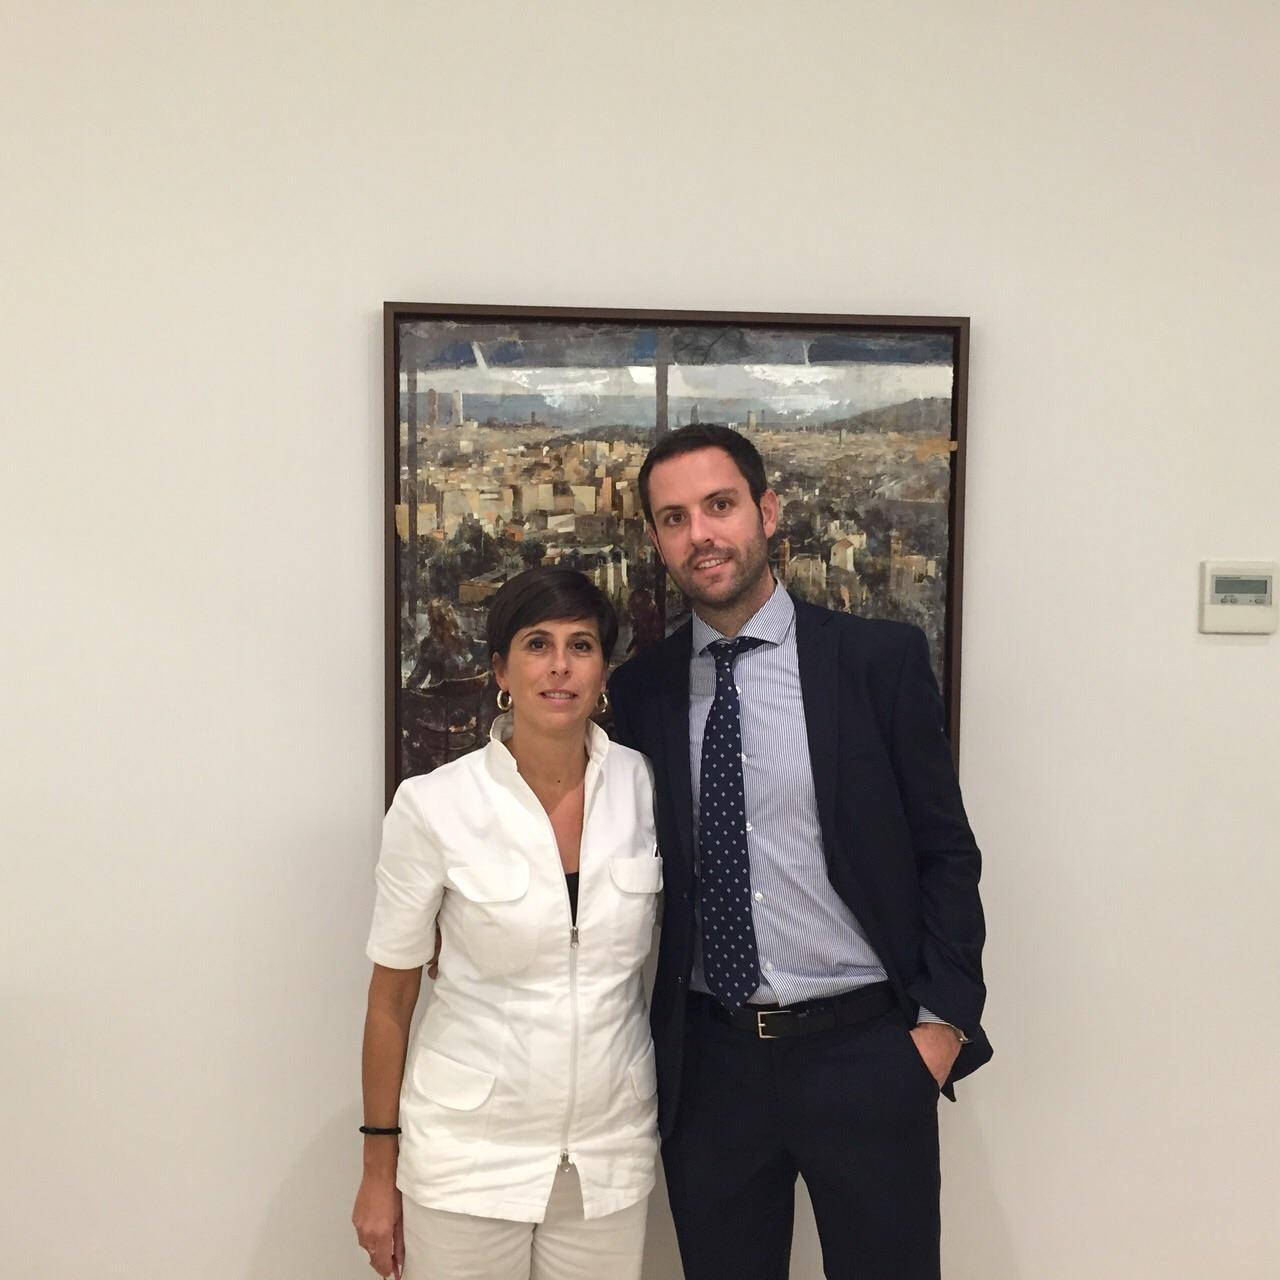 El Dr Ramos con Laura durante su estancia en nuestra consulta - Noviembre 2014